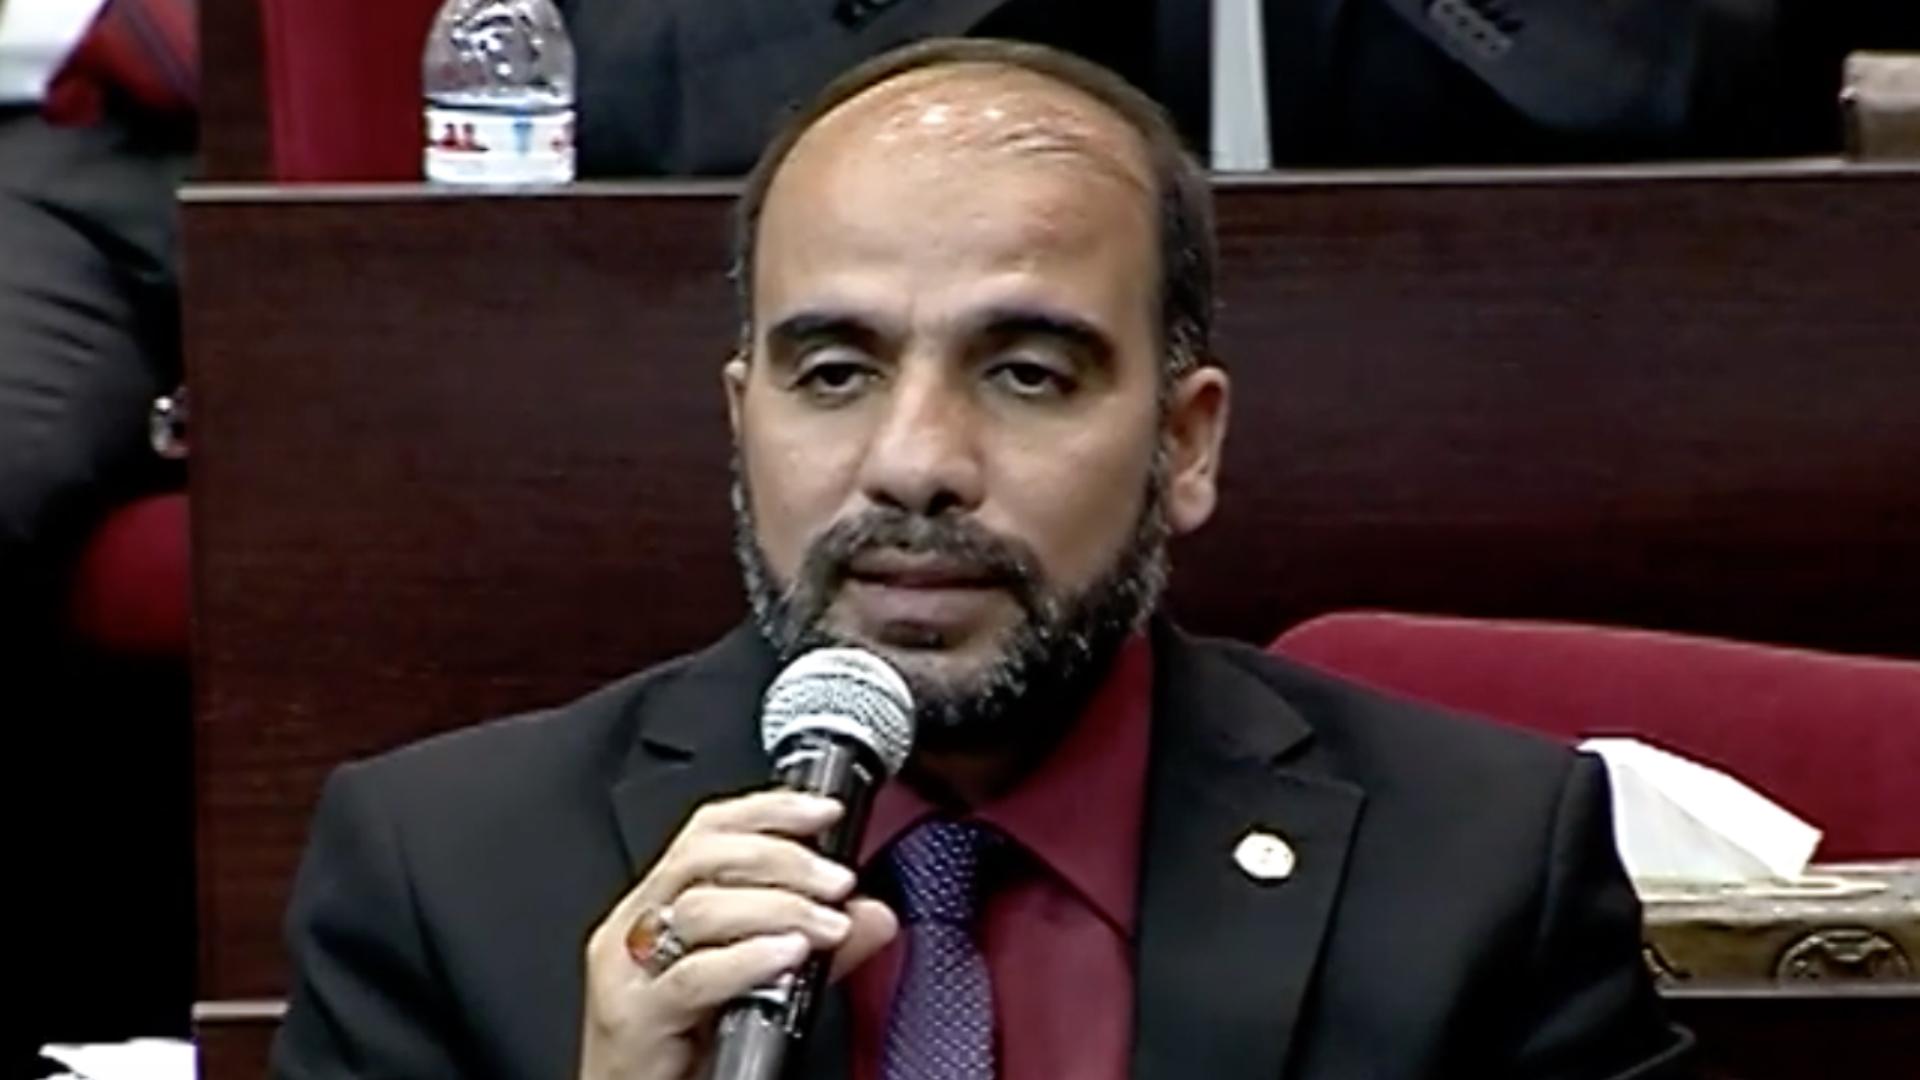 عضو لجنة التعليم النيابية ينتقد إجراءات وزارة التربية لمنع الغش في الامتحانات